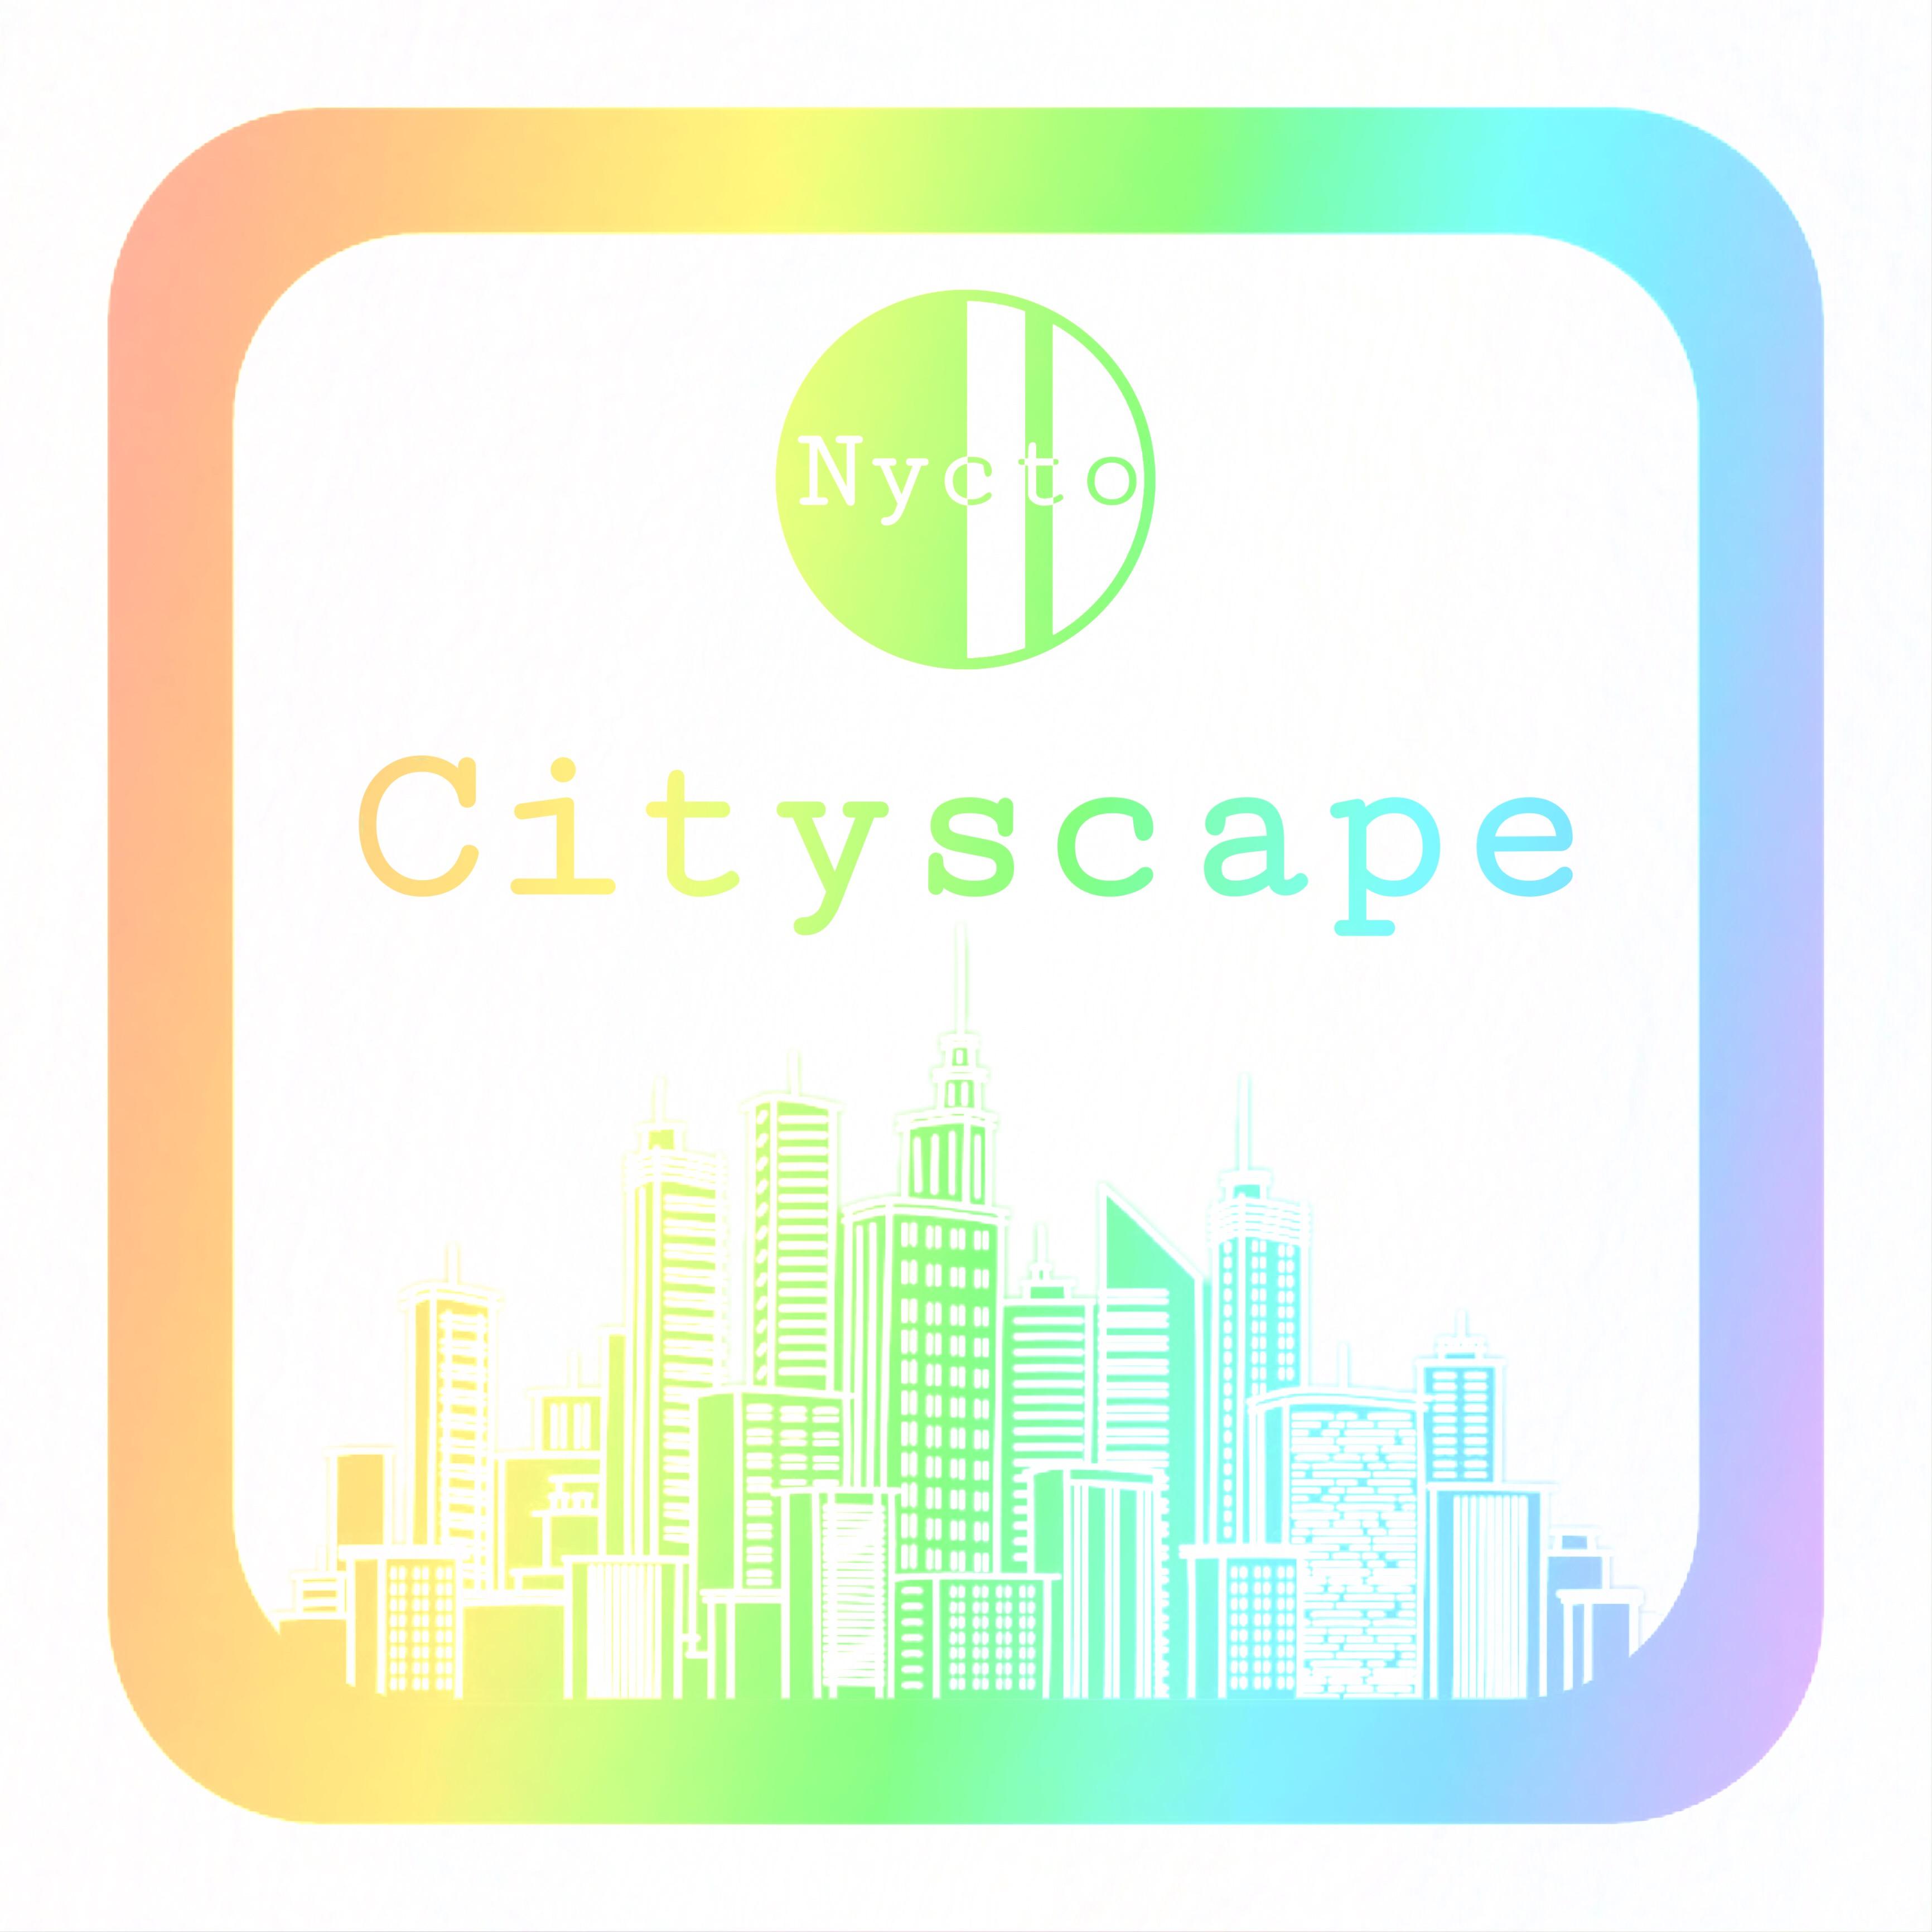 Nycto: Cityscape (Cover Art)